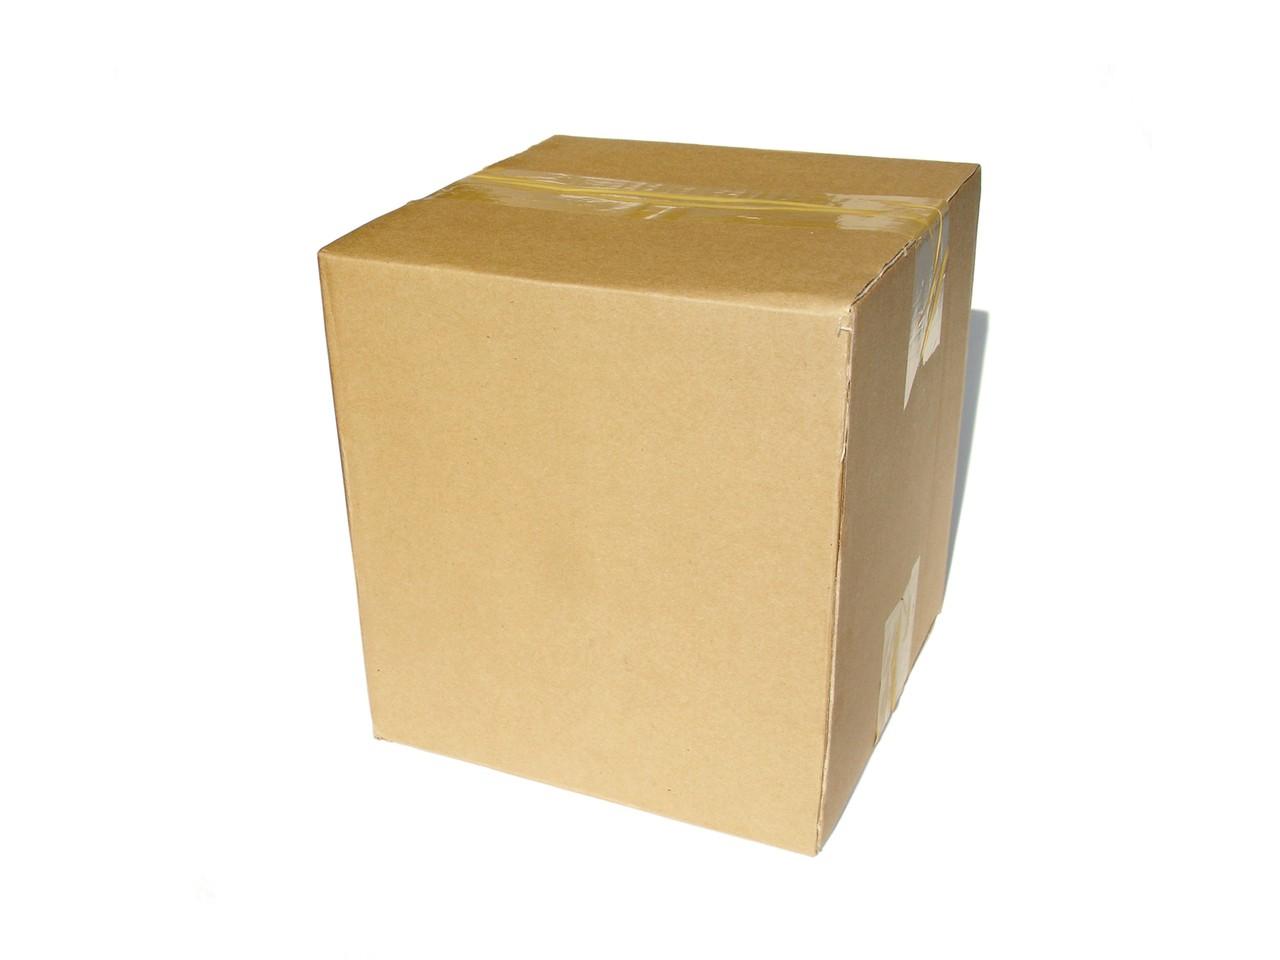 Jak bezpiecznie zapakować paczkę do wysyłki?